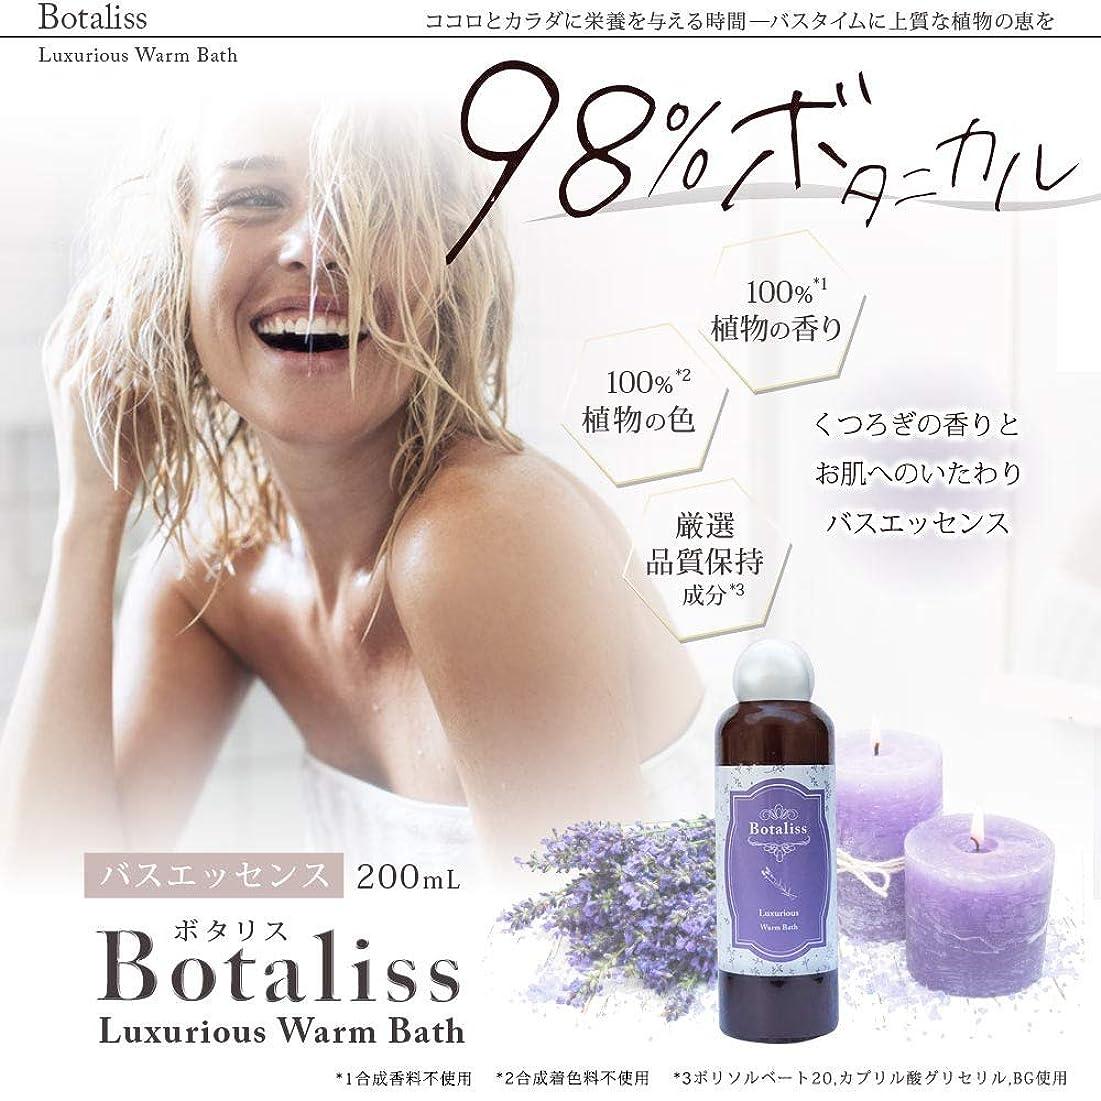 寛解安定しました切り離すボタリス-Botaliss- ?浴用化粧品?